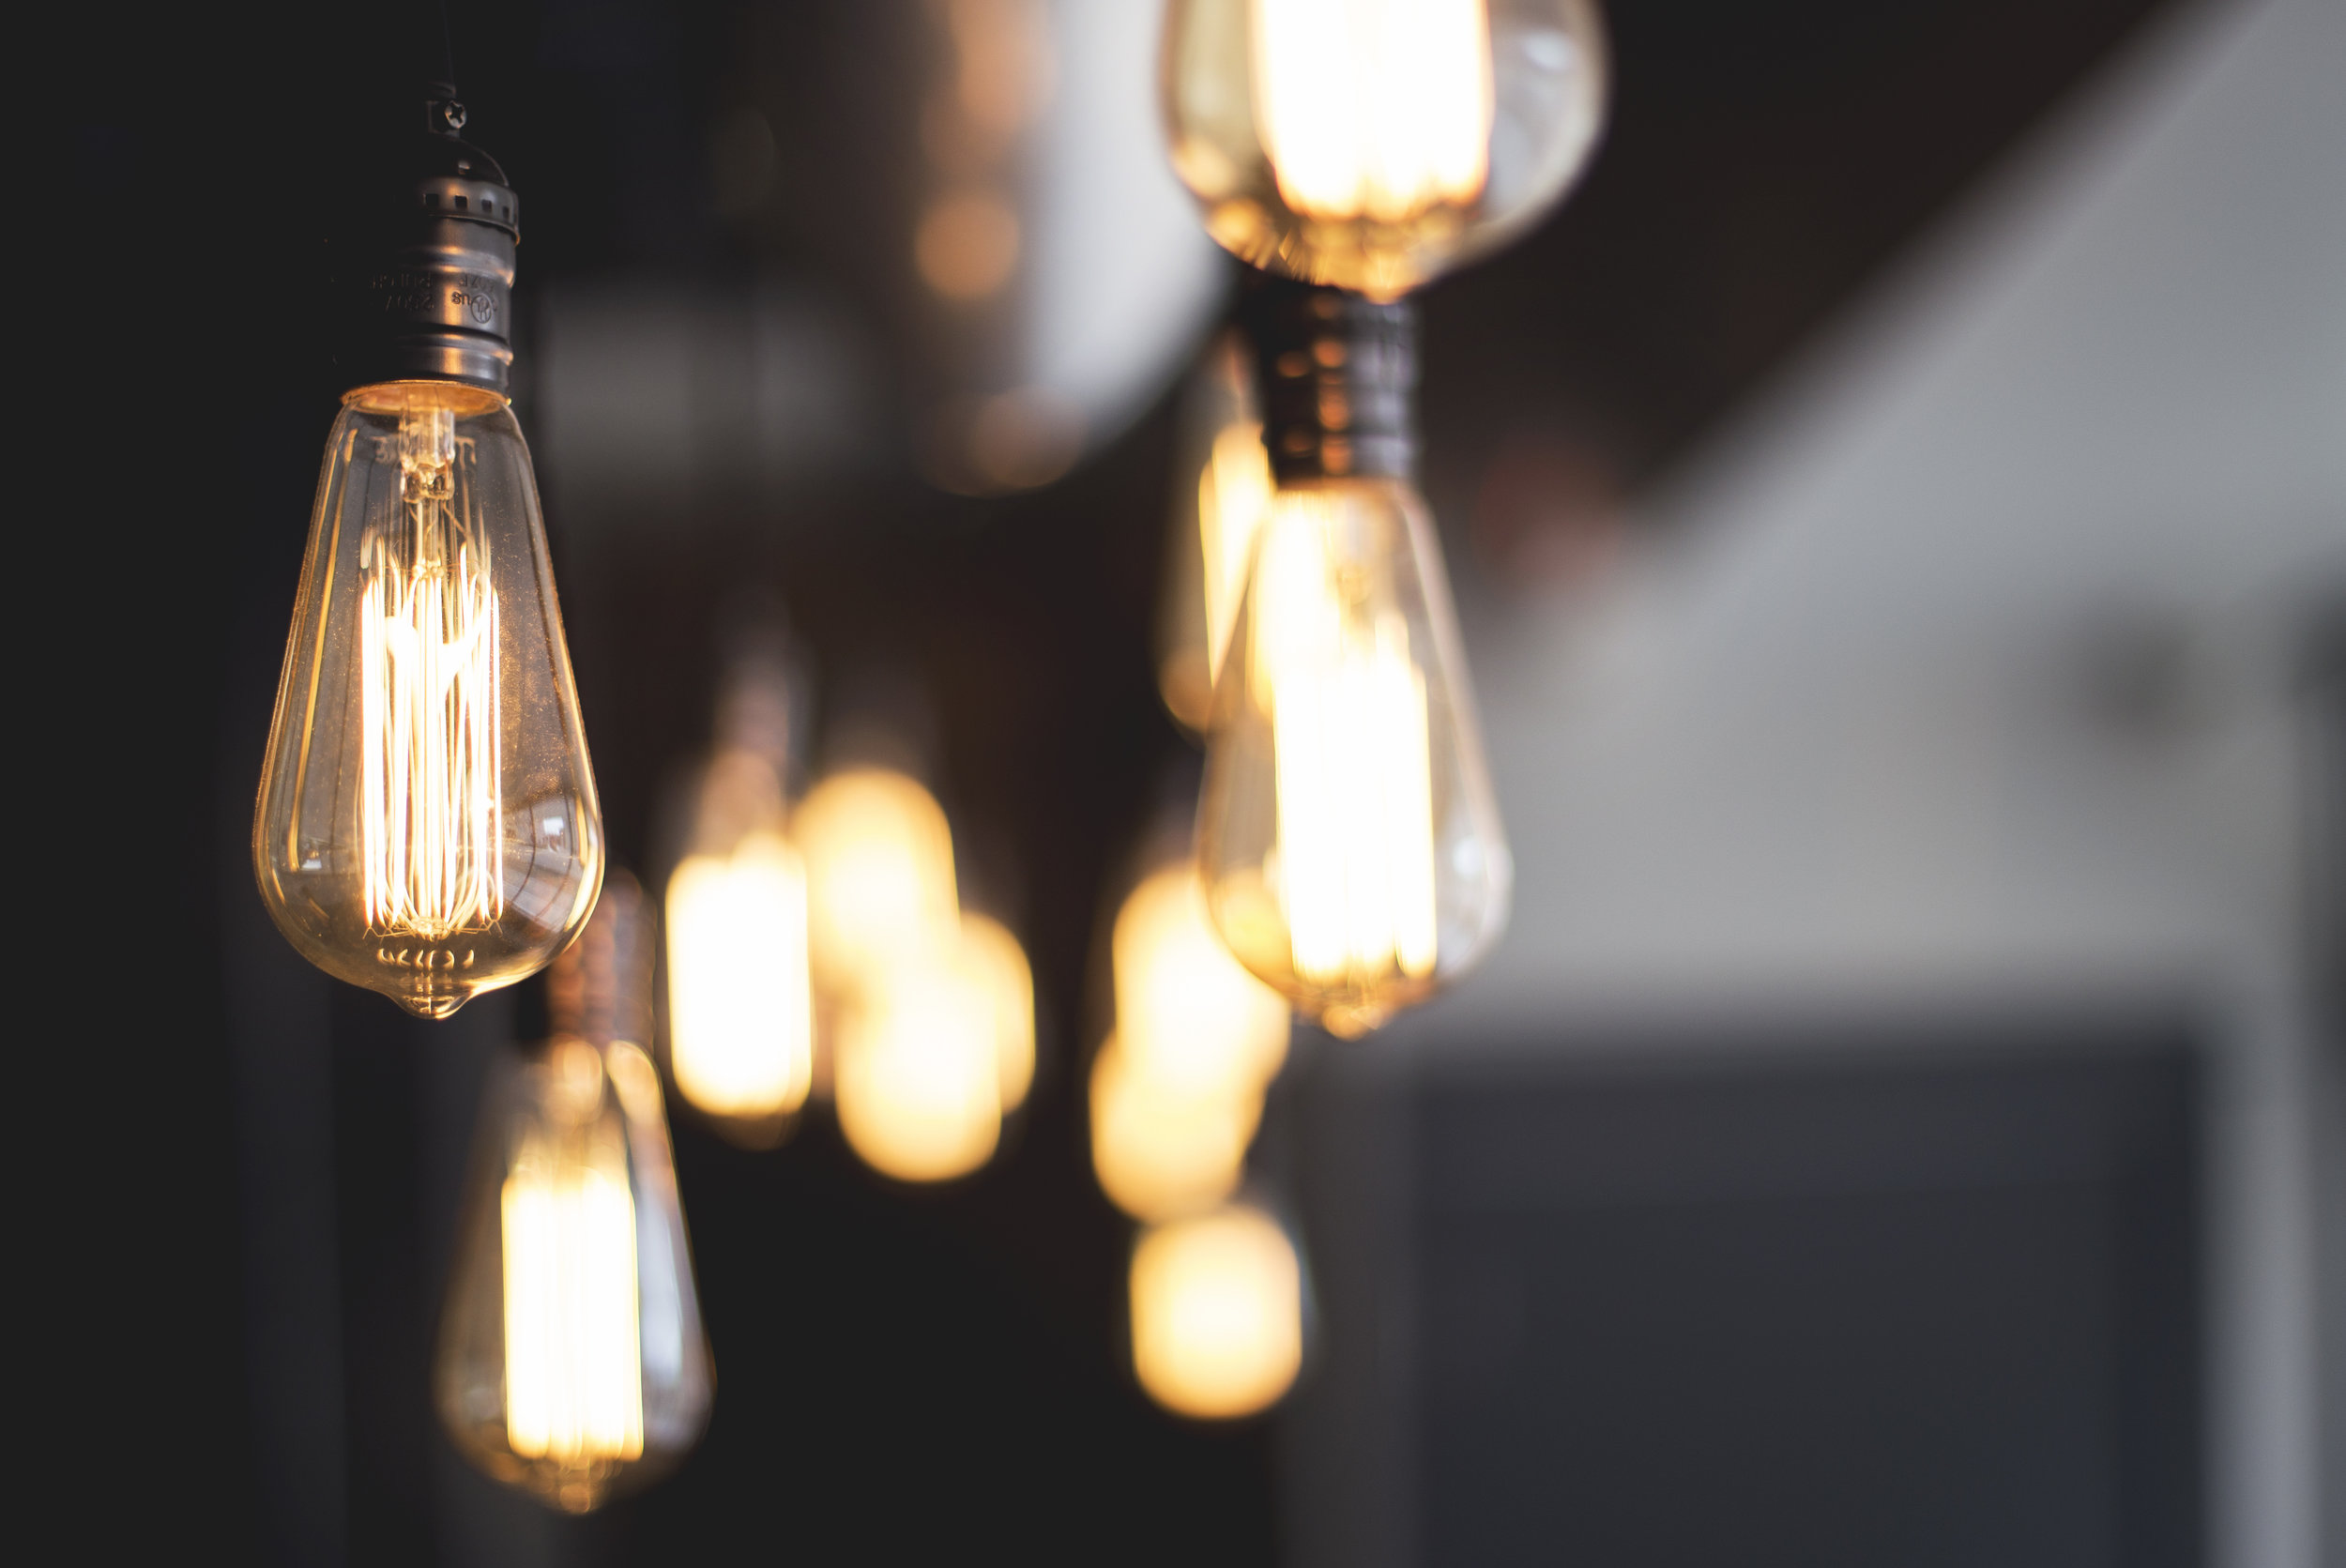 residential-lighting-lightbulbs